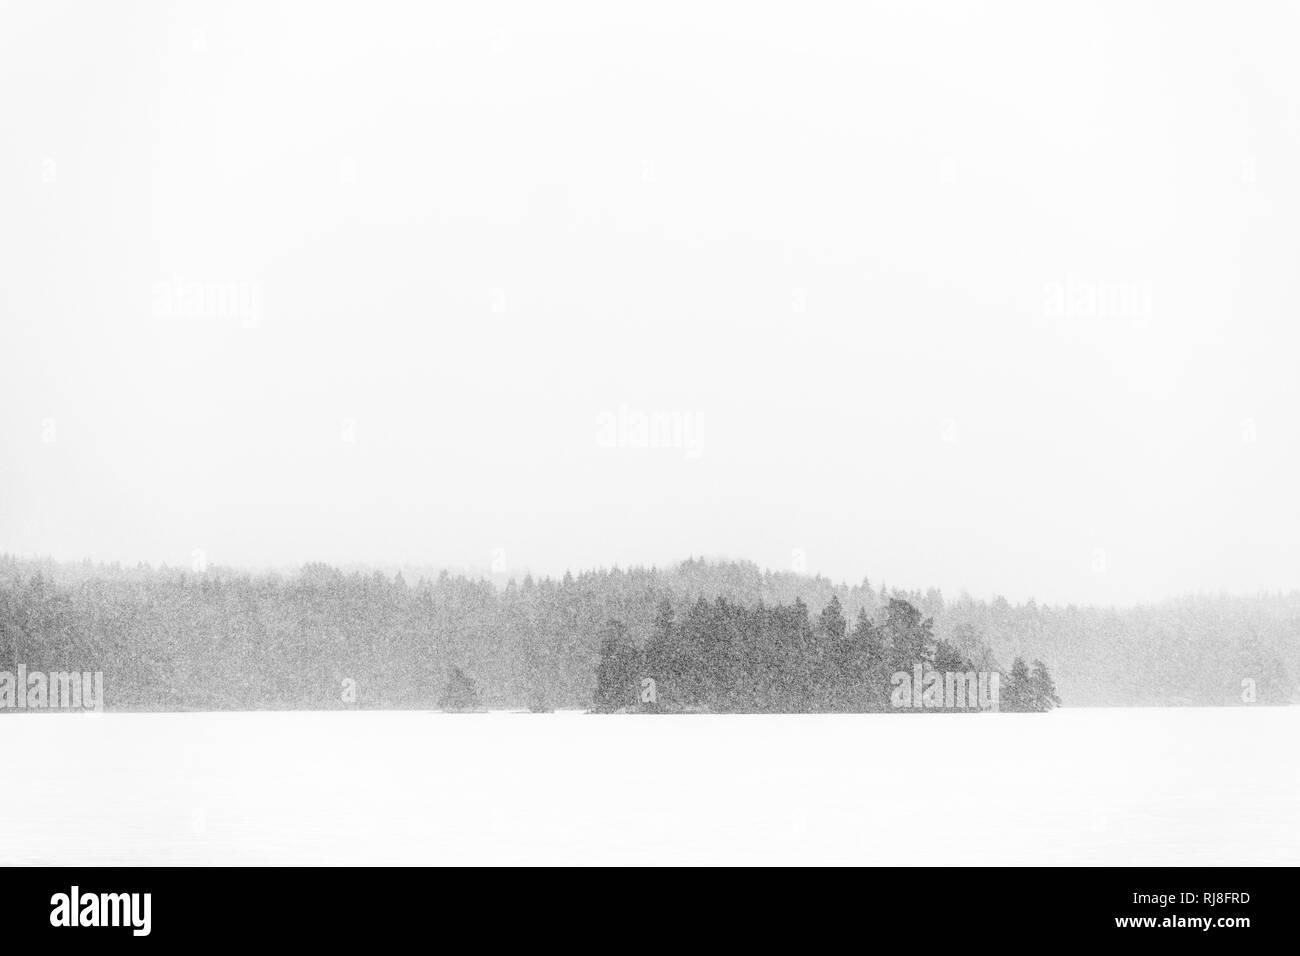 Schweden, Insel auf See im Schneesturm - Stock Image